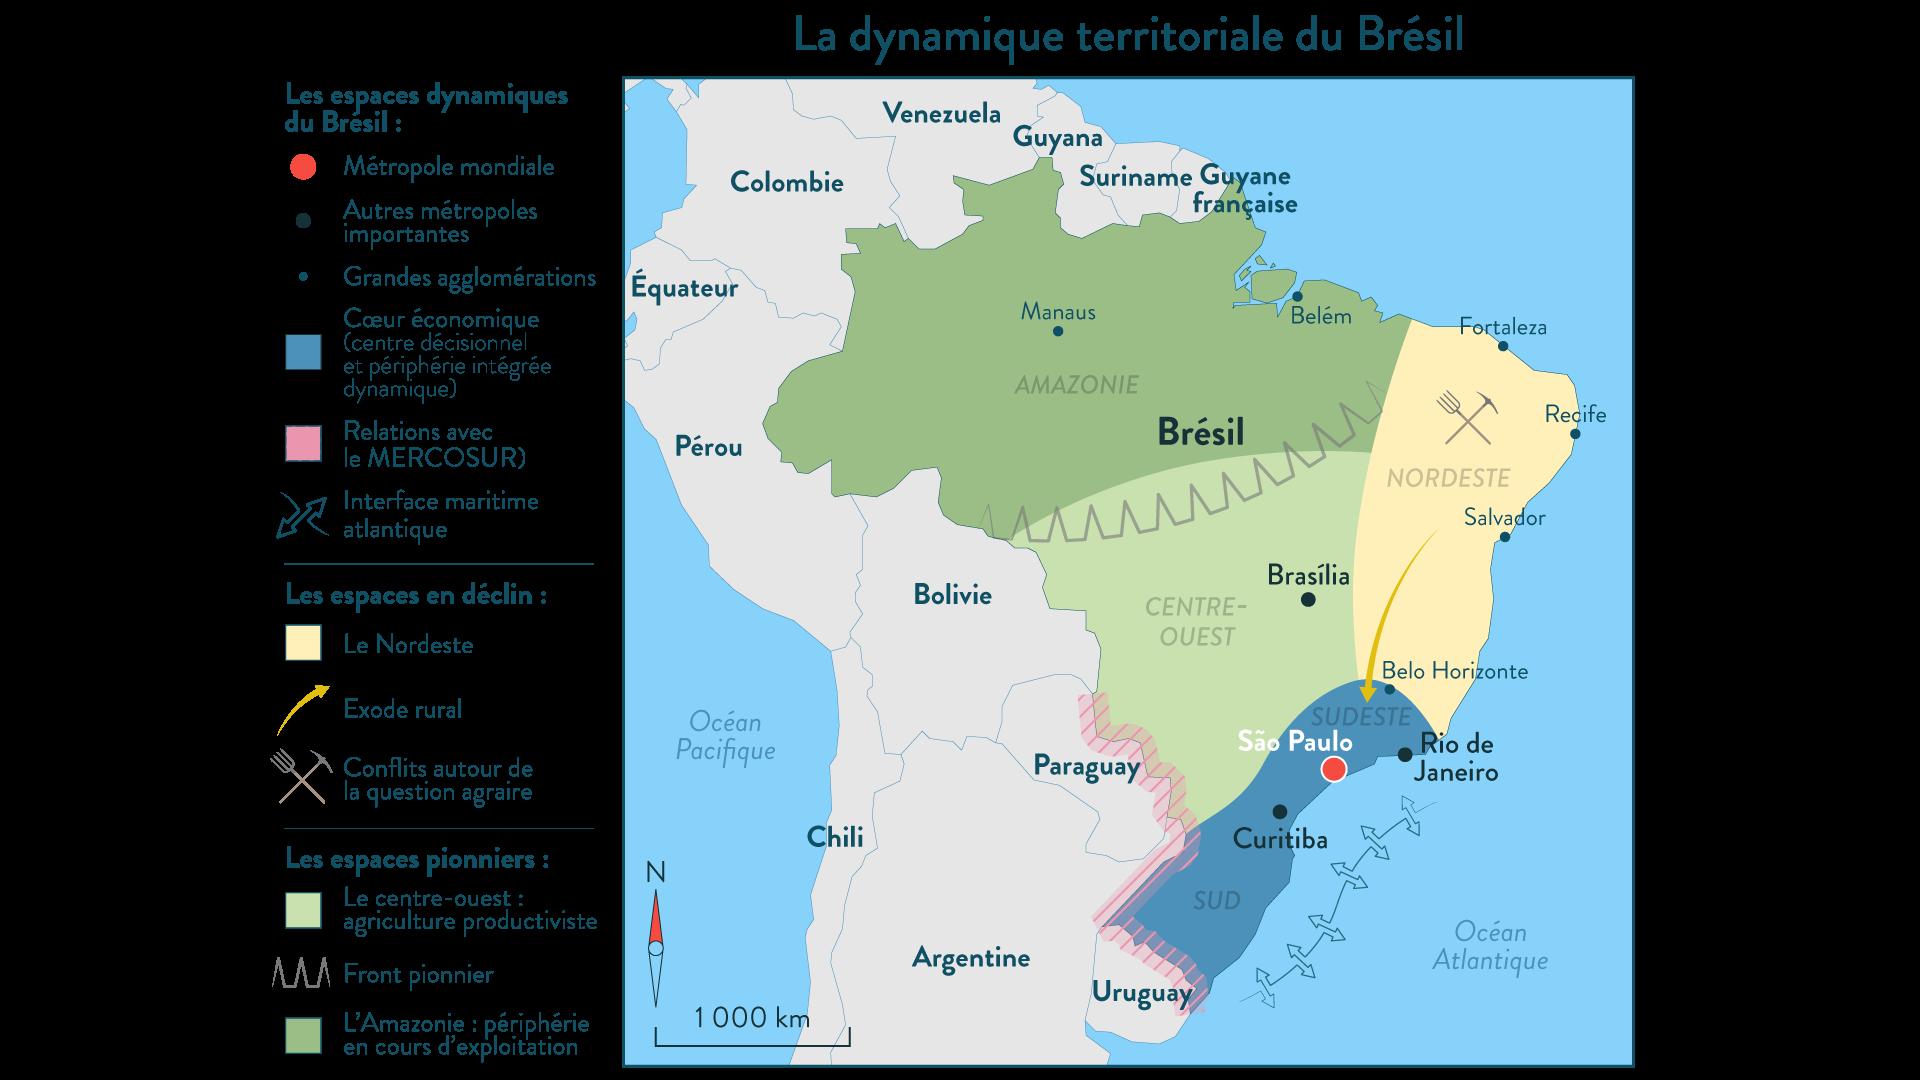 La dynamique territoriale du Brésil